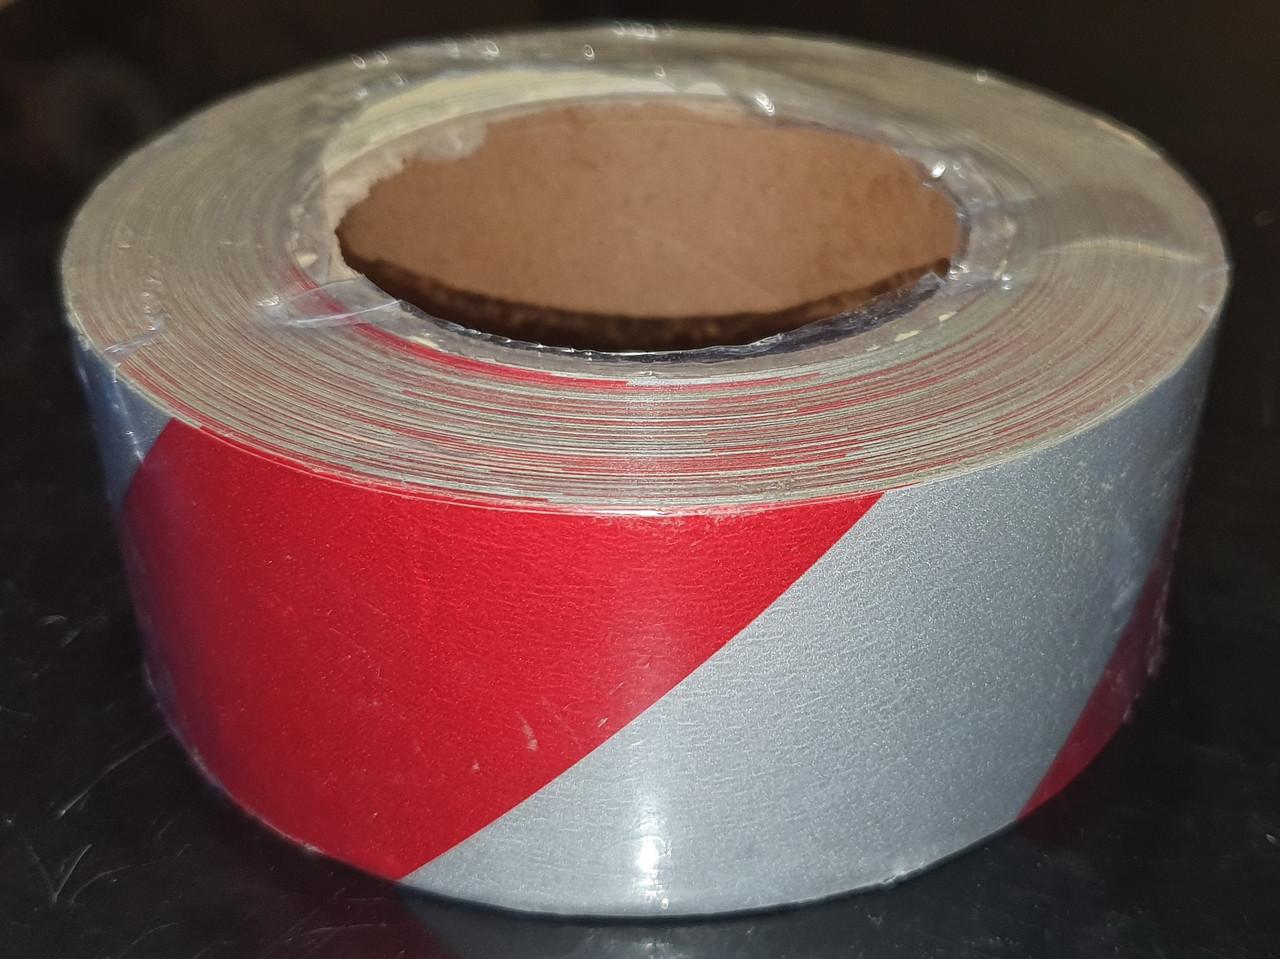 Светоотражающая самоклеющаяся КРАСНО-БЕЛАЯ лента рулон 45 м, ширина 5 см